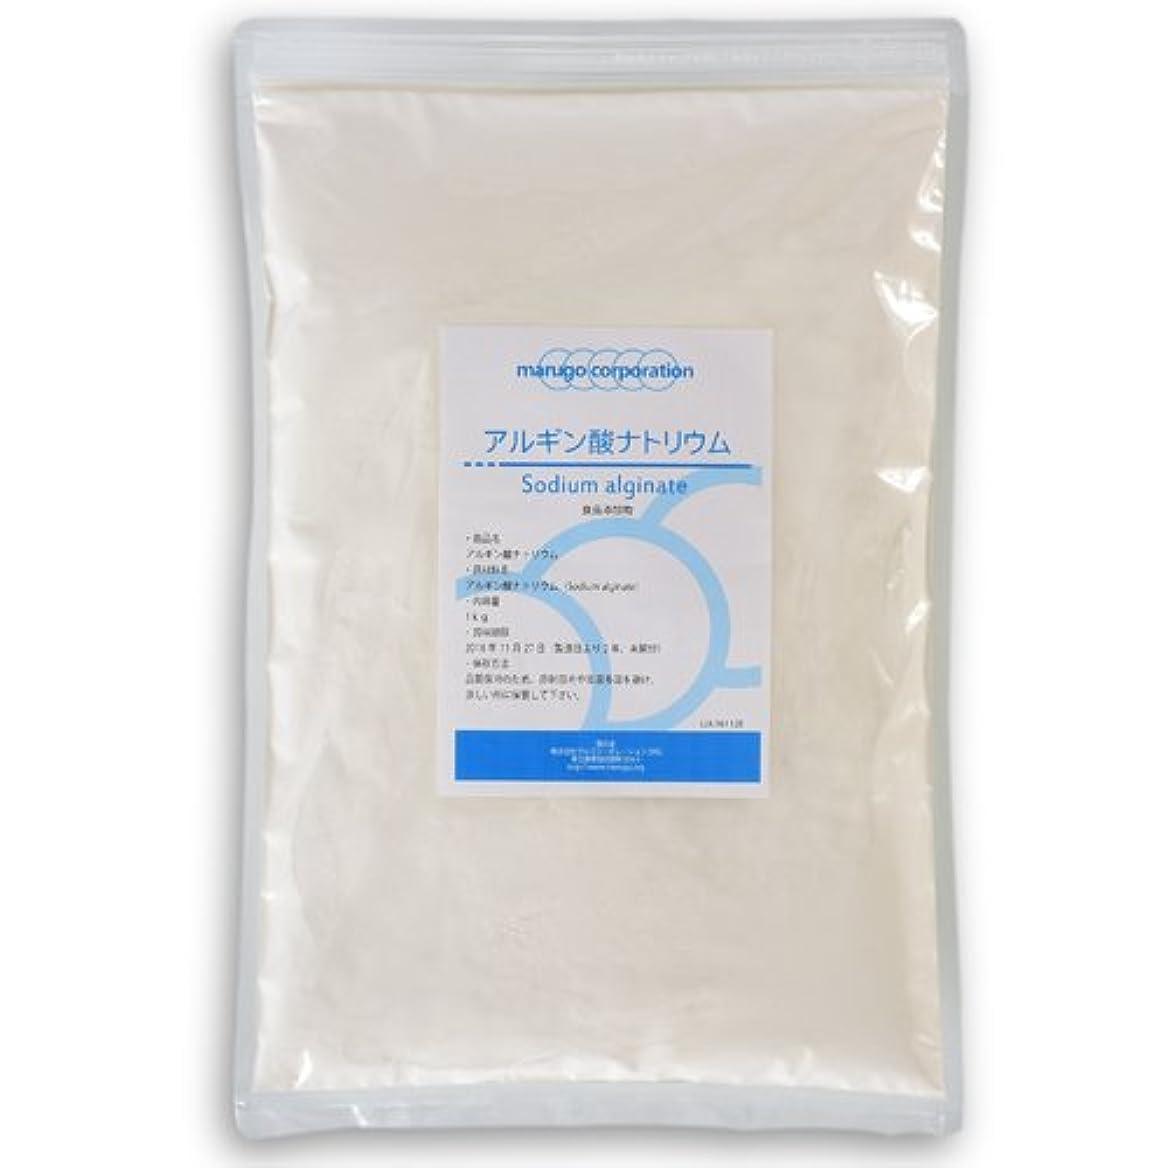 決済バックグラウンドアコードmarugo(マルゴ) アルギン酸ナトリウム 1kg 人口イクラ ぷるぷる水 食品添加物グレード(食用)